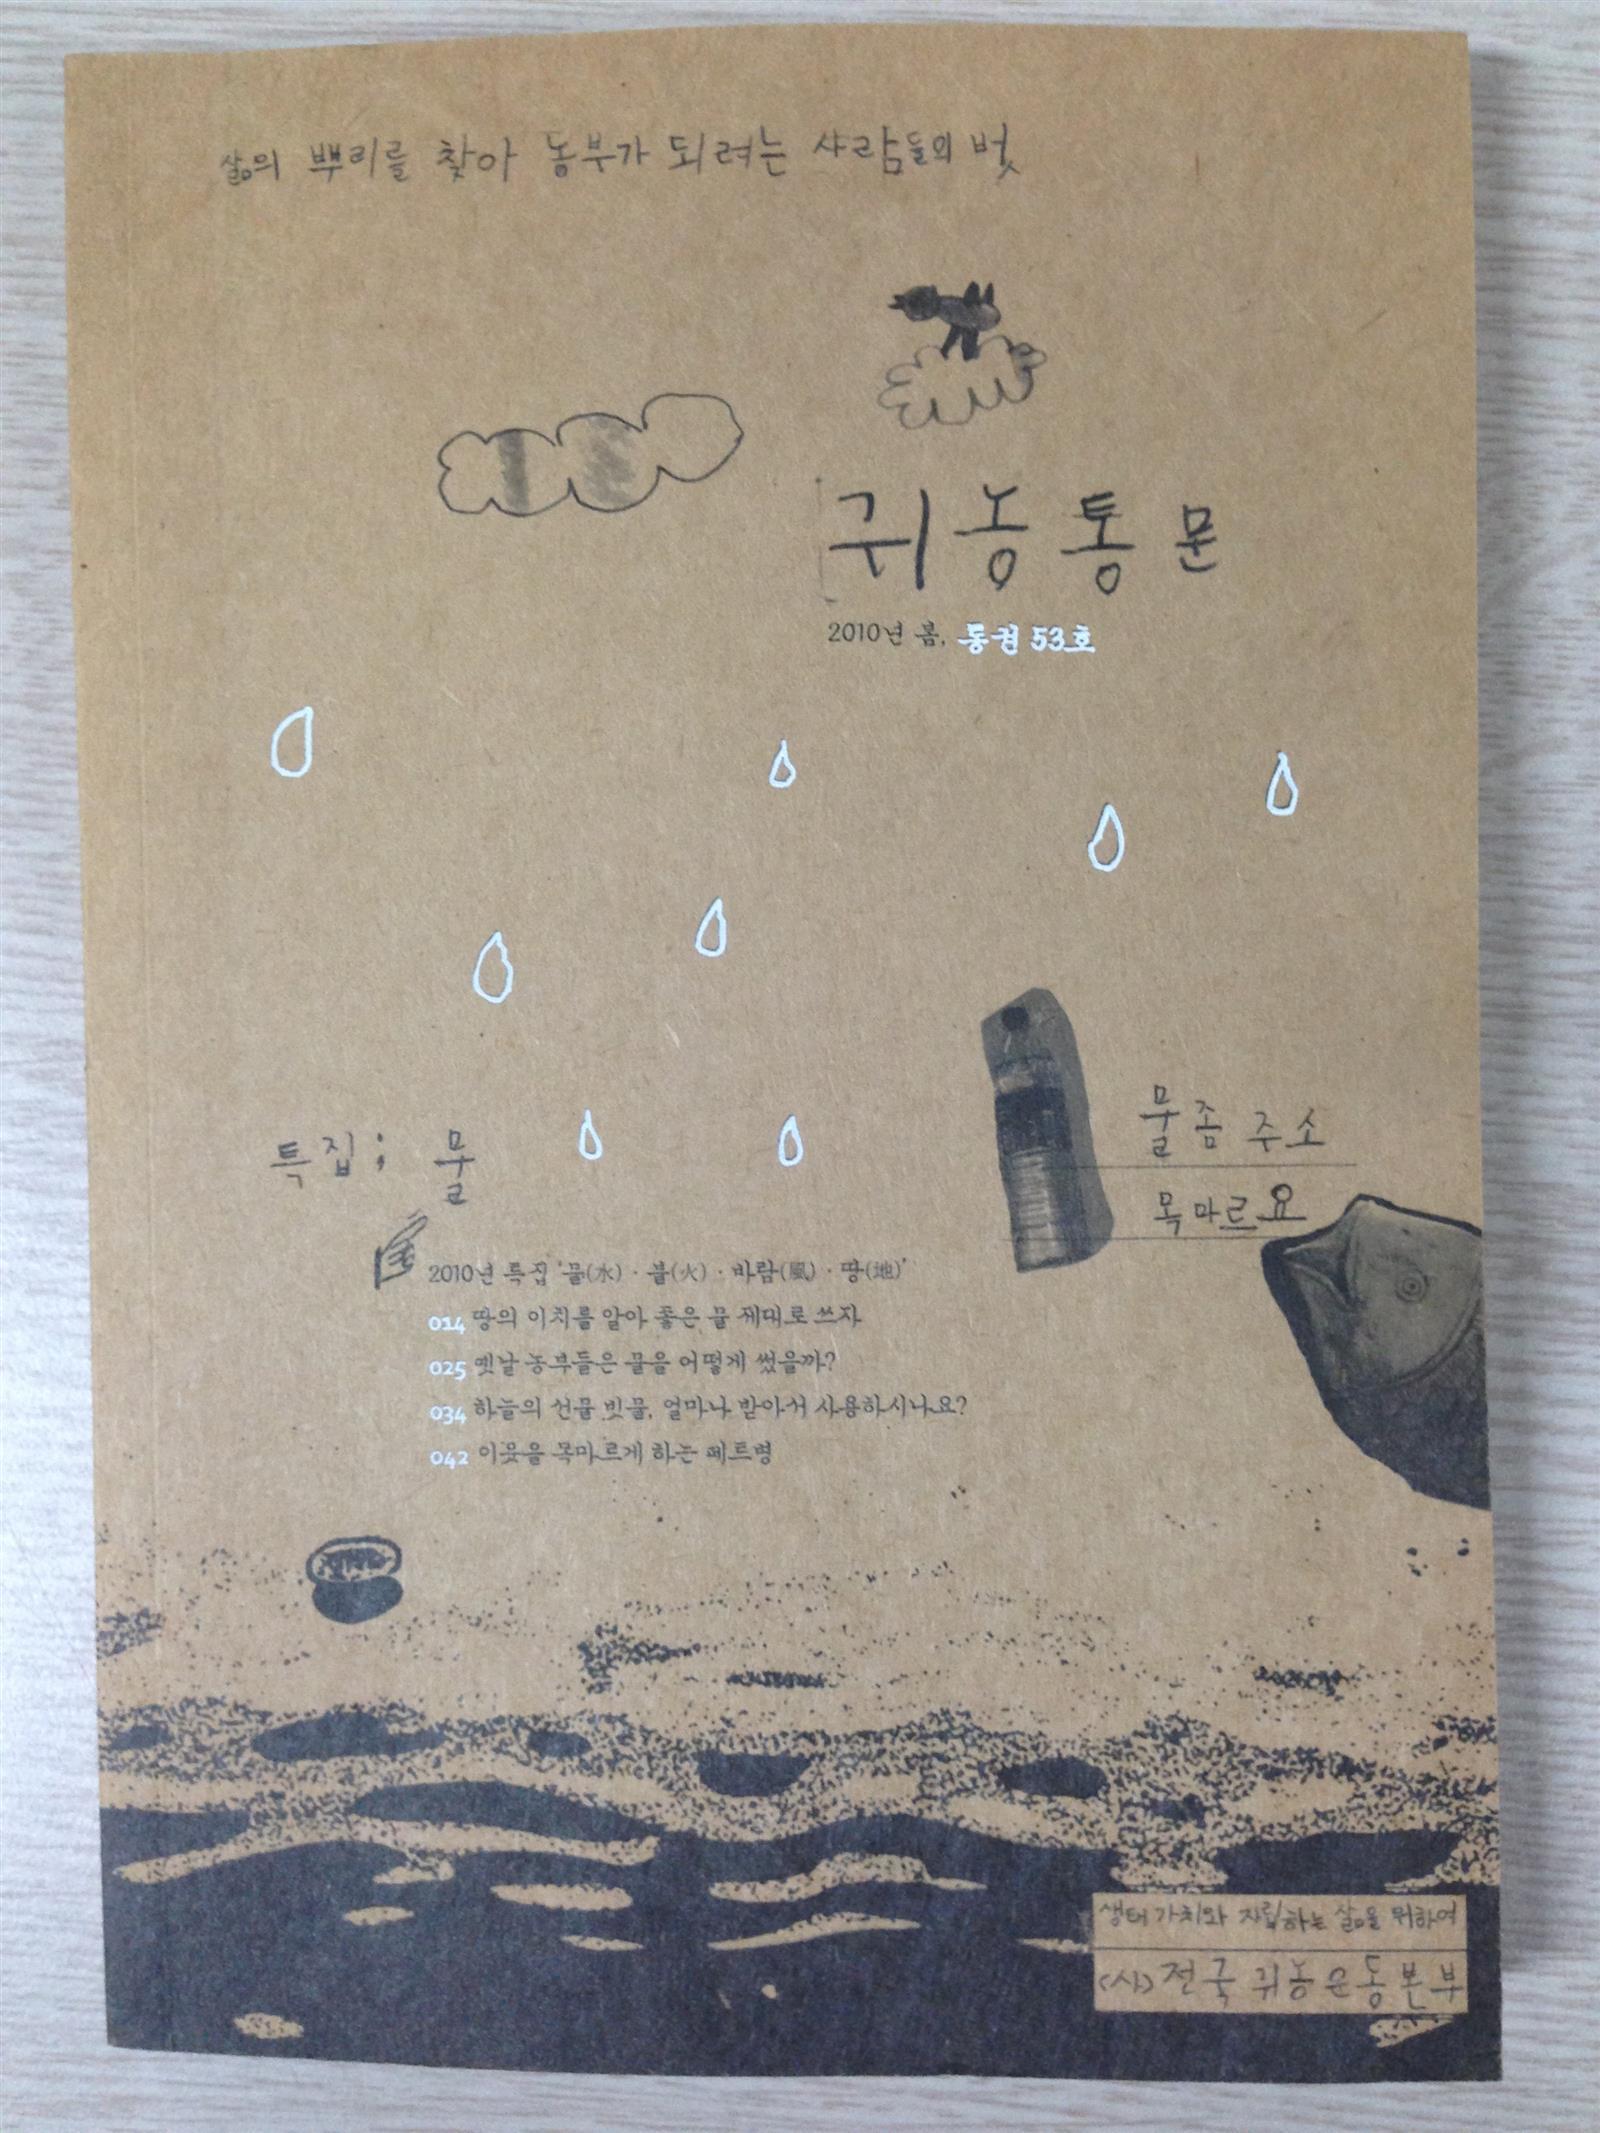 귀농통문 2010년 봄, 통권 53호